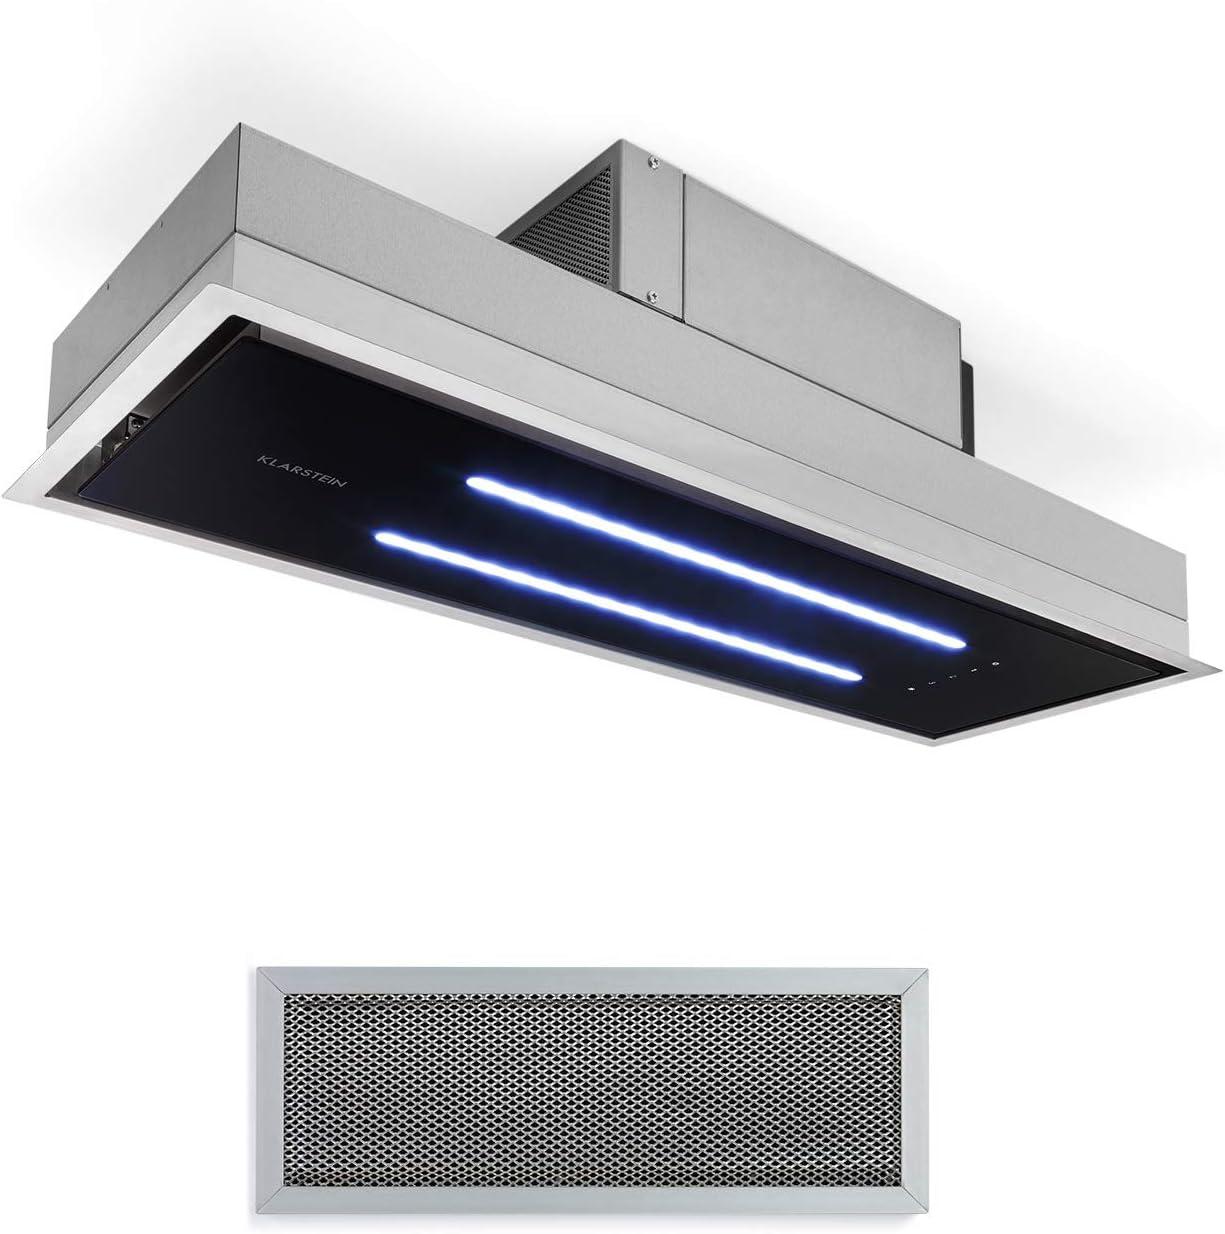 Klarstein High Line Campana extractora de techo - Campana bajo mueble o encastrable, Marco ancho 77 cm, Vidrio satinado, 75 W, 3 niveles potencia, Potencia extracción 410 m³/h, 2 luces led 4 W, Negro